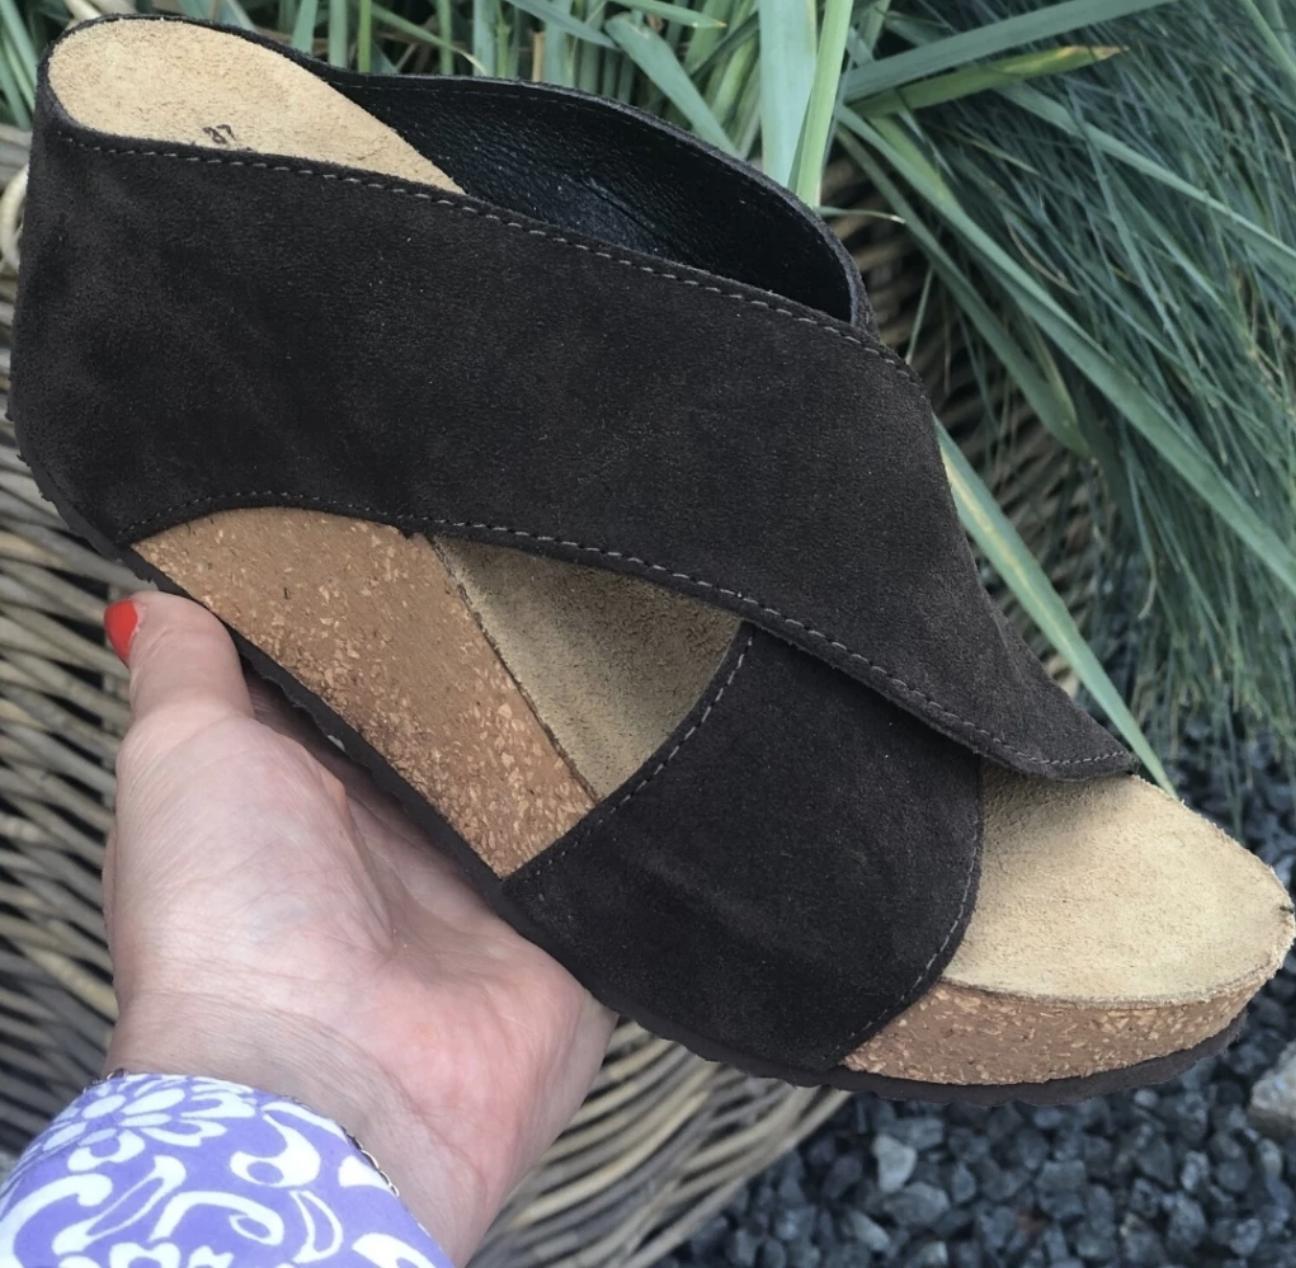 Sort sandal Frances